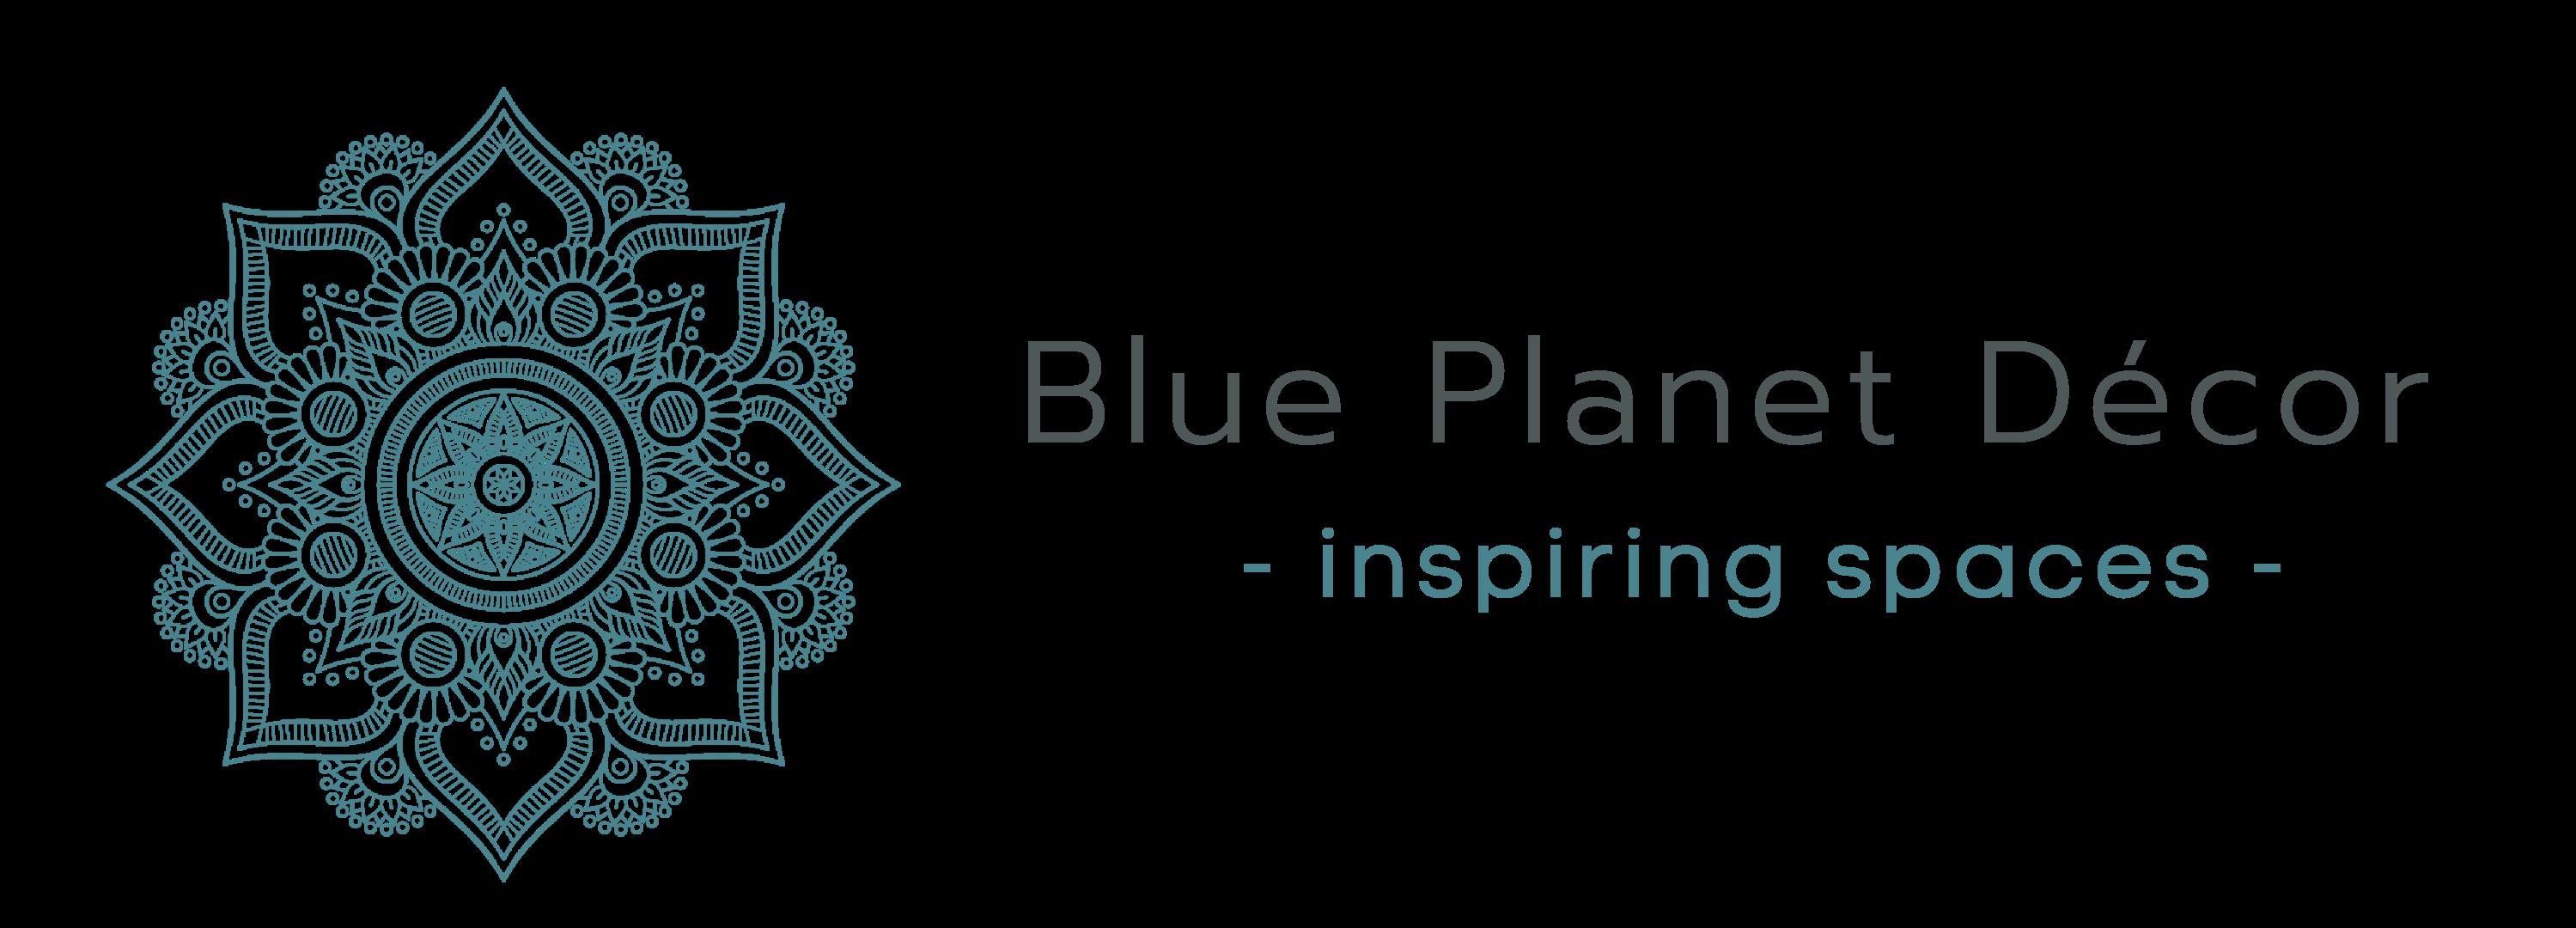 Blue Planet Décor